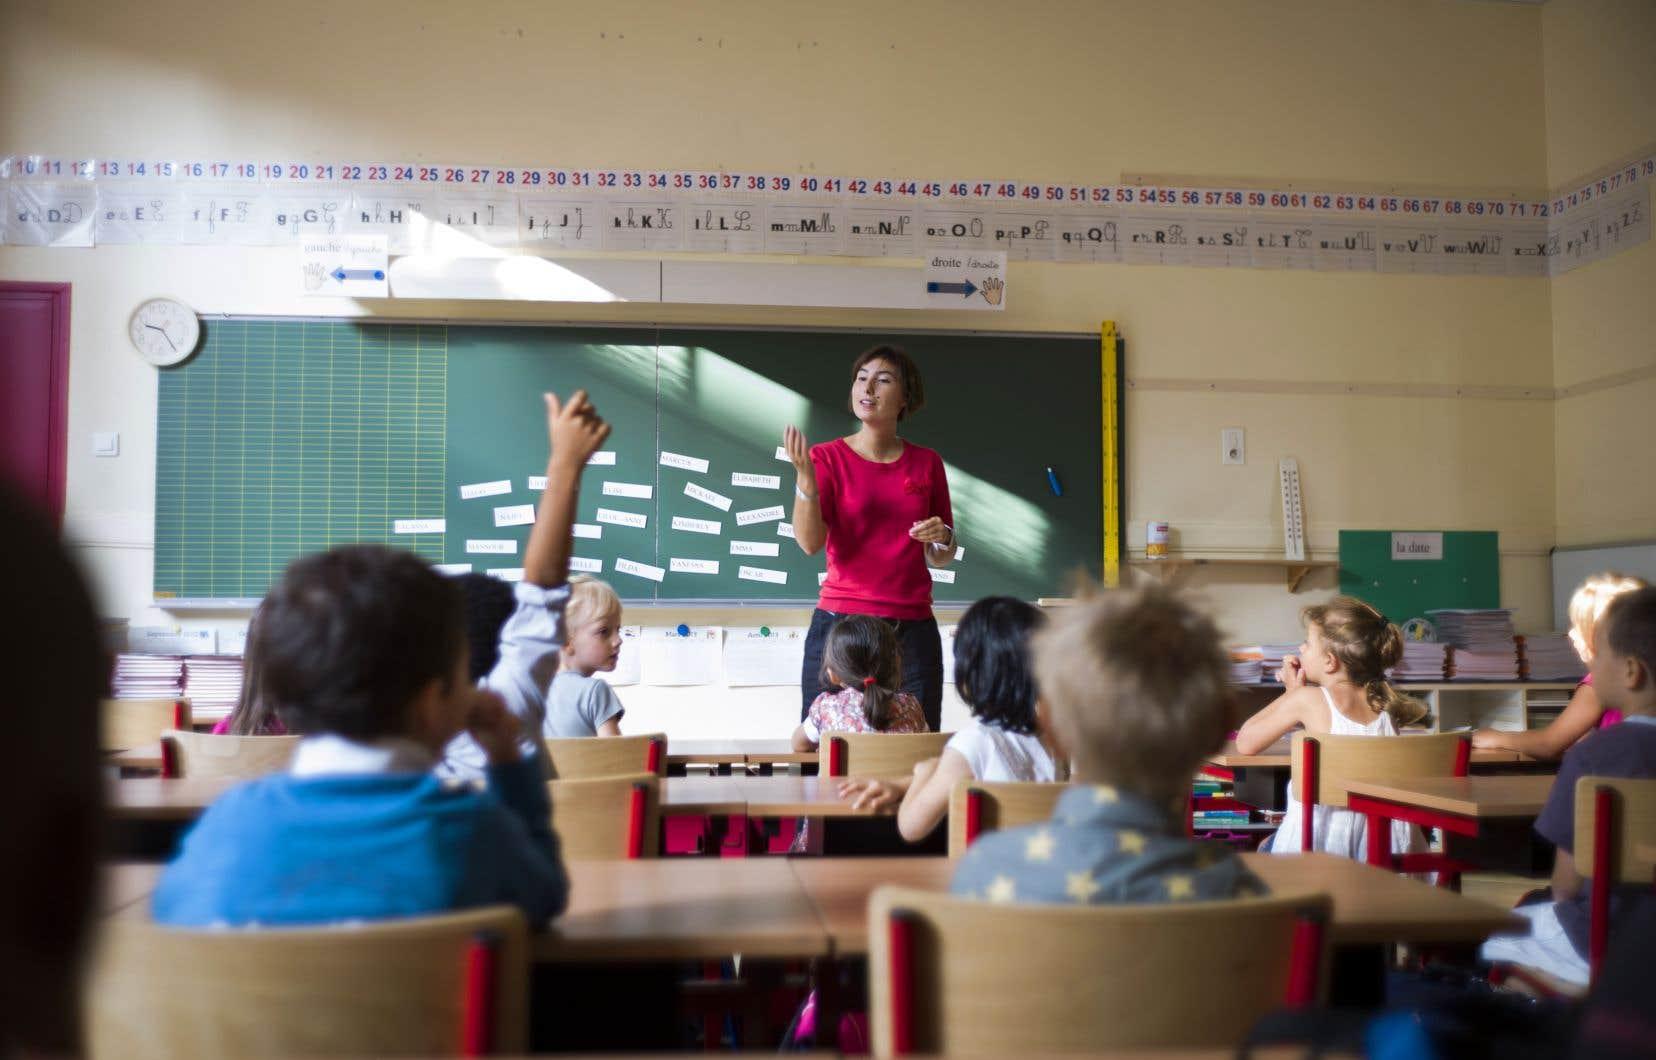 Ce colloque, qui célébrera le 100eanniversaire de l'Alliance des professeurs, doit regrouper une quarantaine de conférenciers de renom, dont Françoise David et le DrJean-François Chicoine.